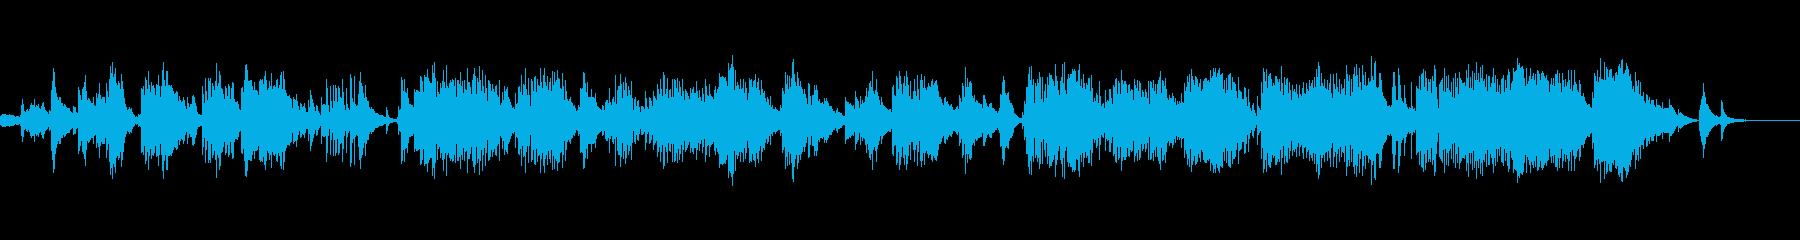 純和風で伝統的な曲の再生済みの波形